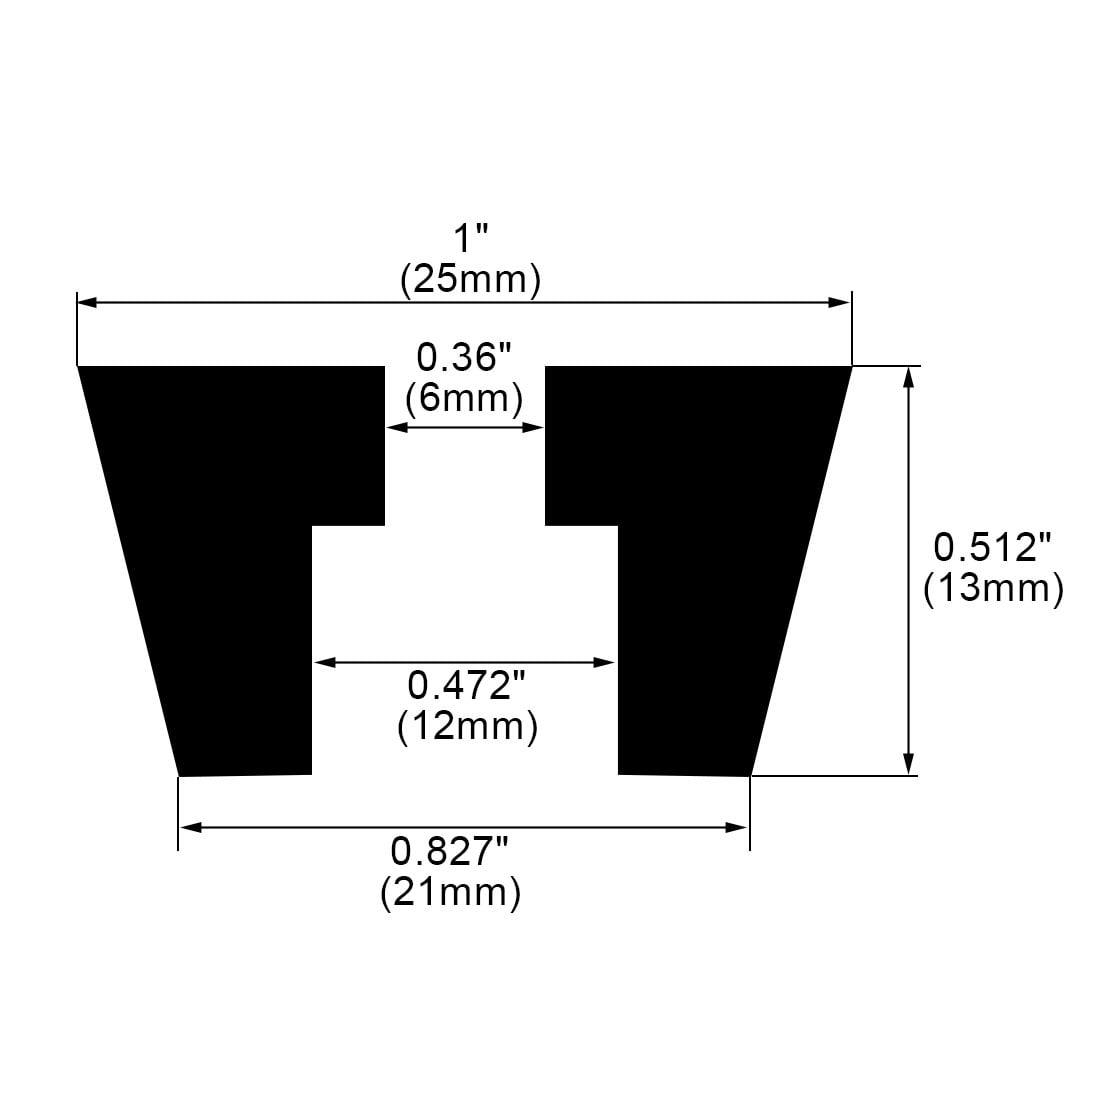 100pcs Rubber Feet Bumper Buffer Desk Leg Pads with Metal Washer, D25x21xH13mm - image 1 de 7